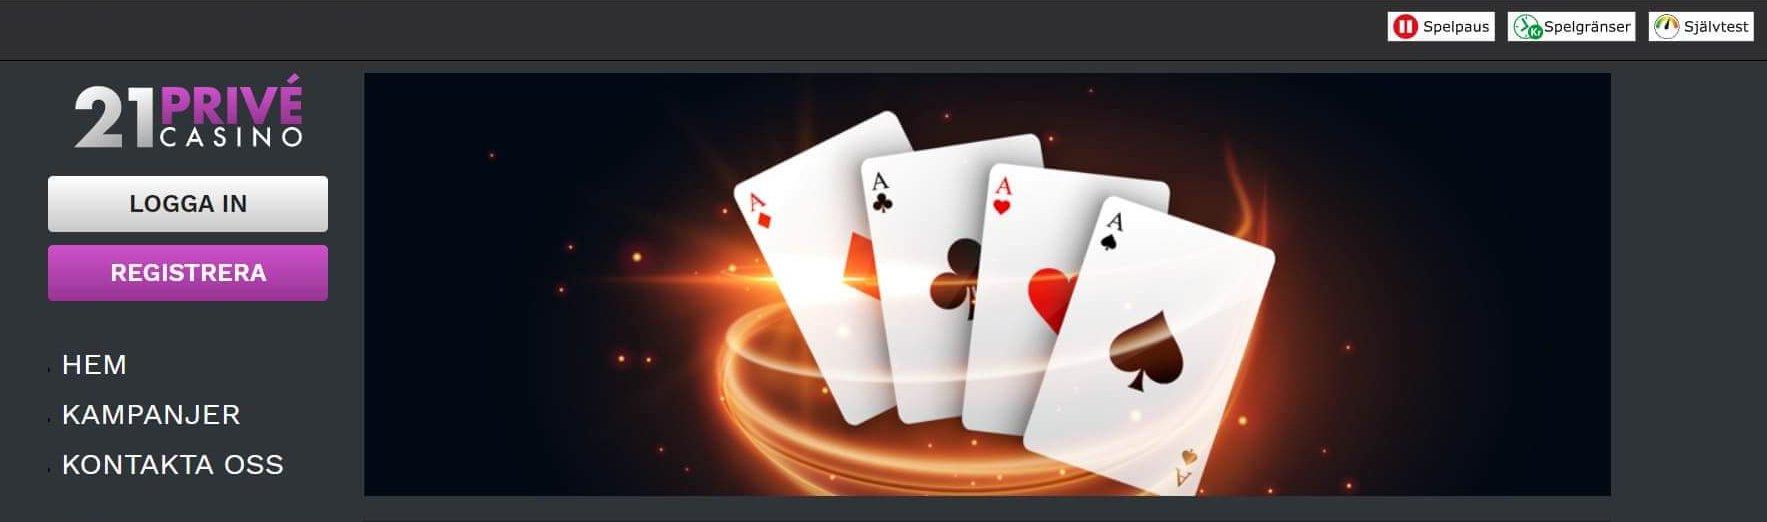 Välkommen till stilfulla, sköna 21Privé Casino